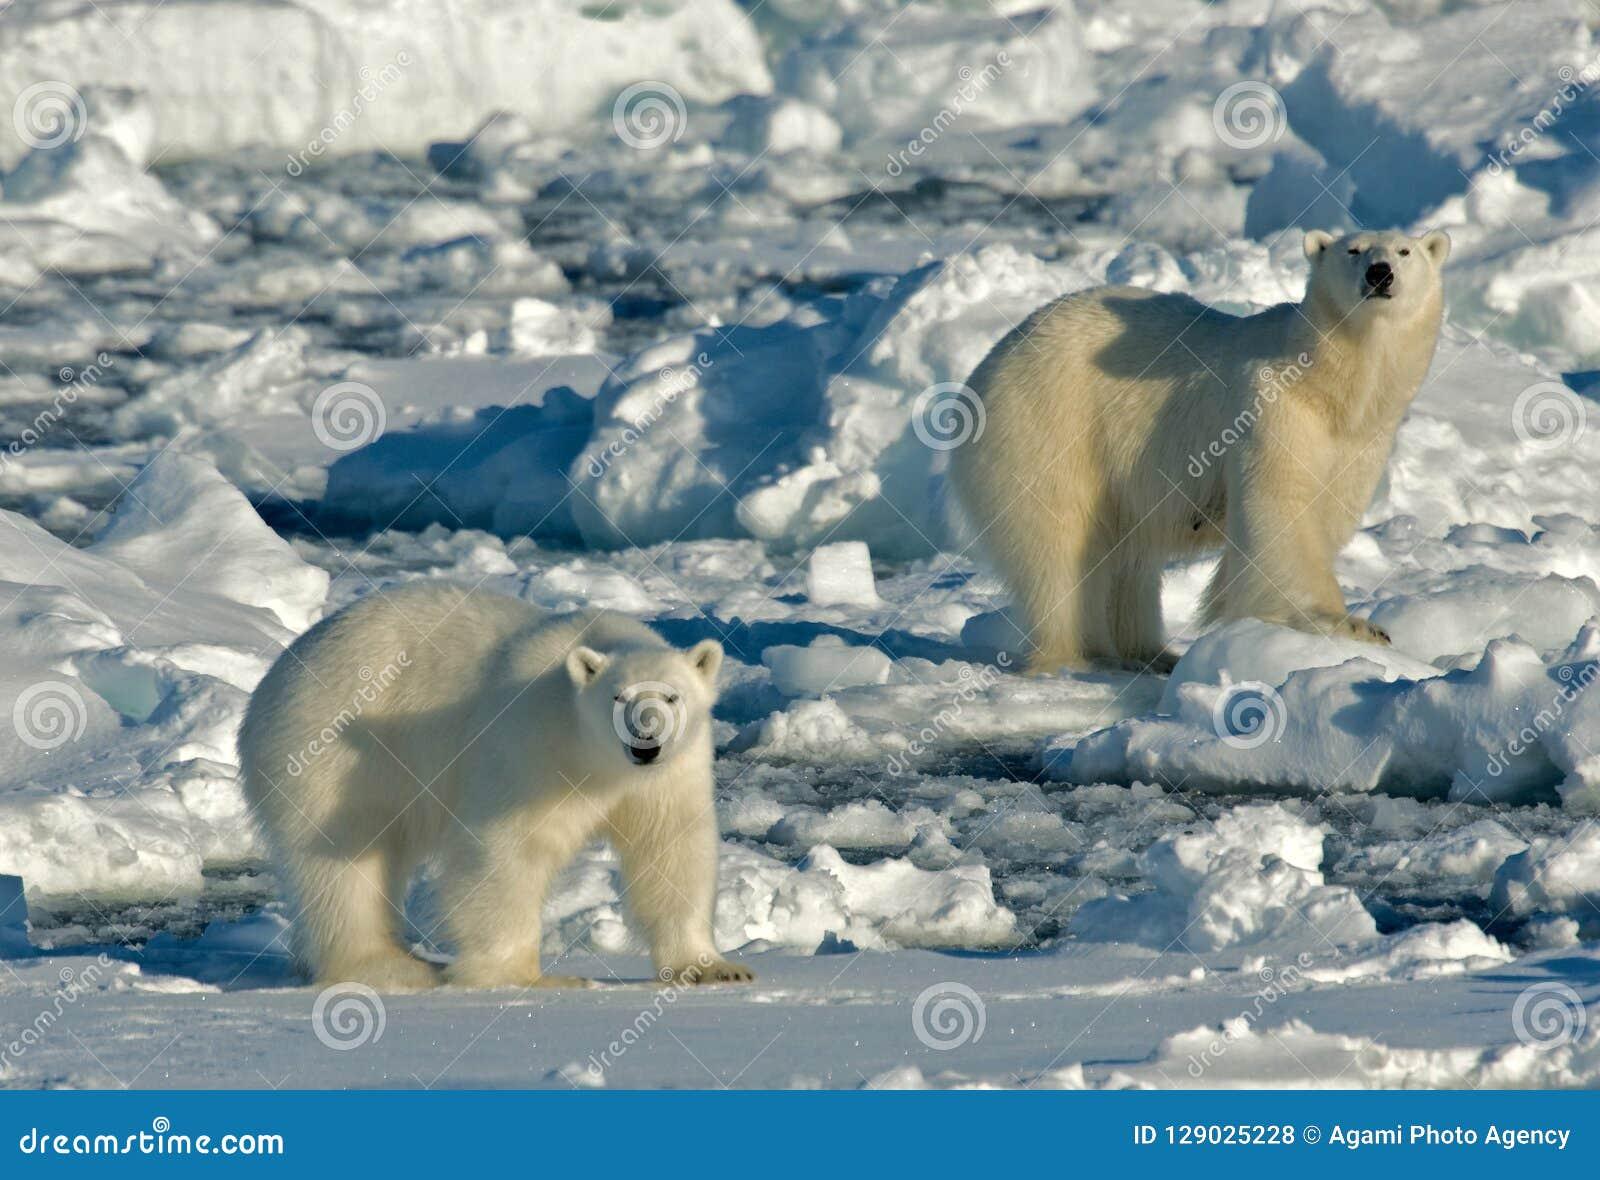 Eisbär, IJsbeer, Ursus maritimus